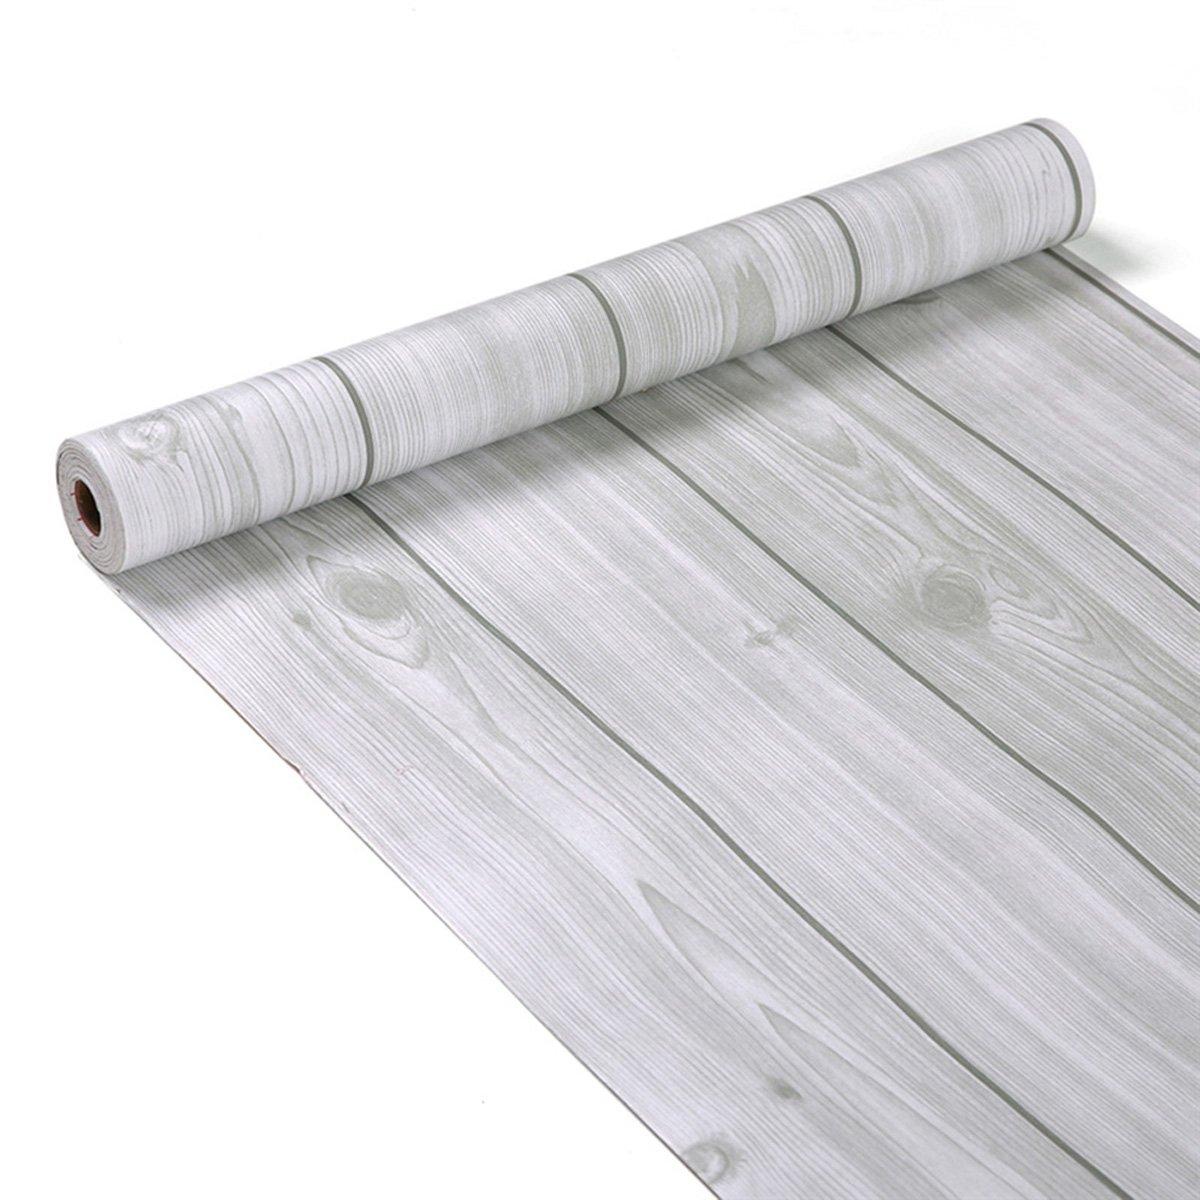 Grain de bois décoratifs Contact papier autocollant Shelf Liner Peel et bâton papier peint haute qualité pour meuble de cuisine Countertop étagères projets d'artisanat 45x 199,9cm